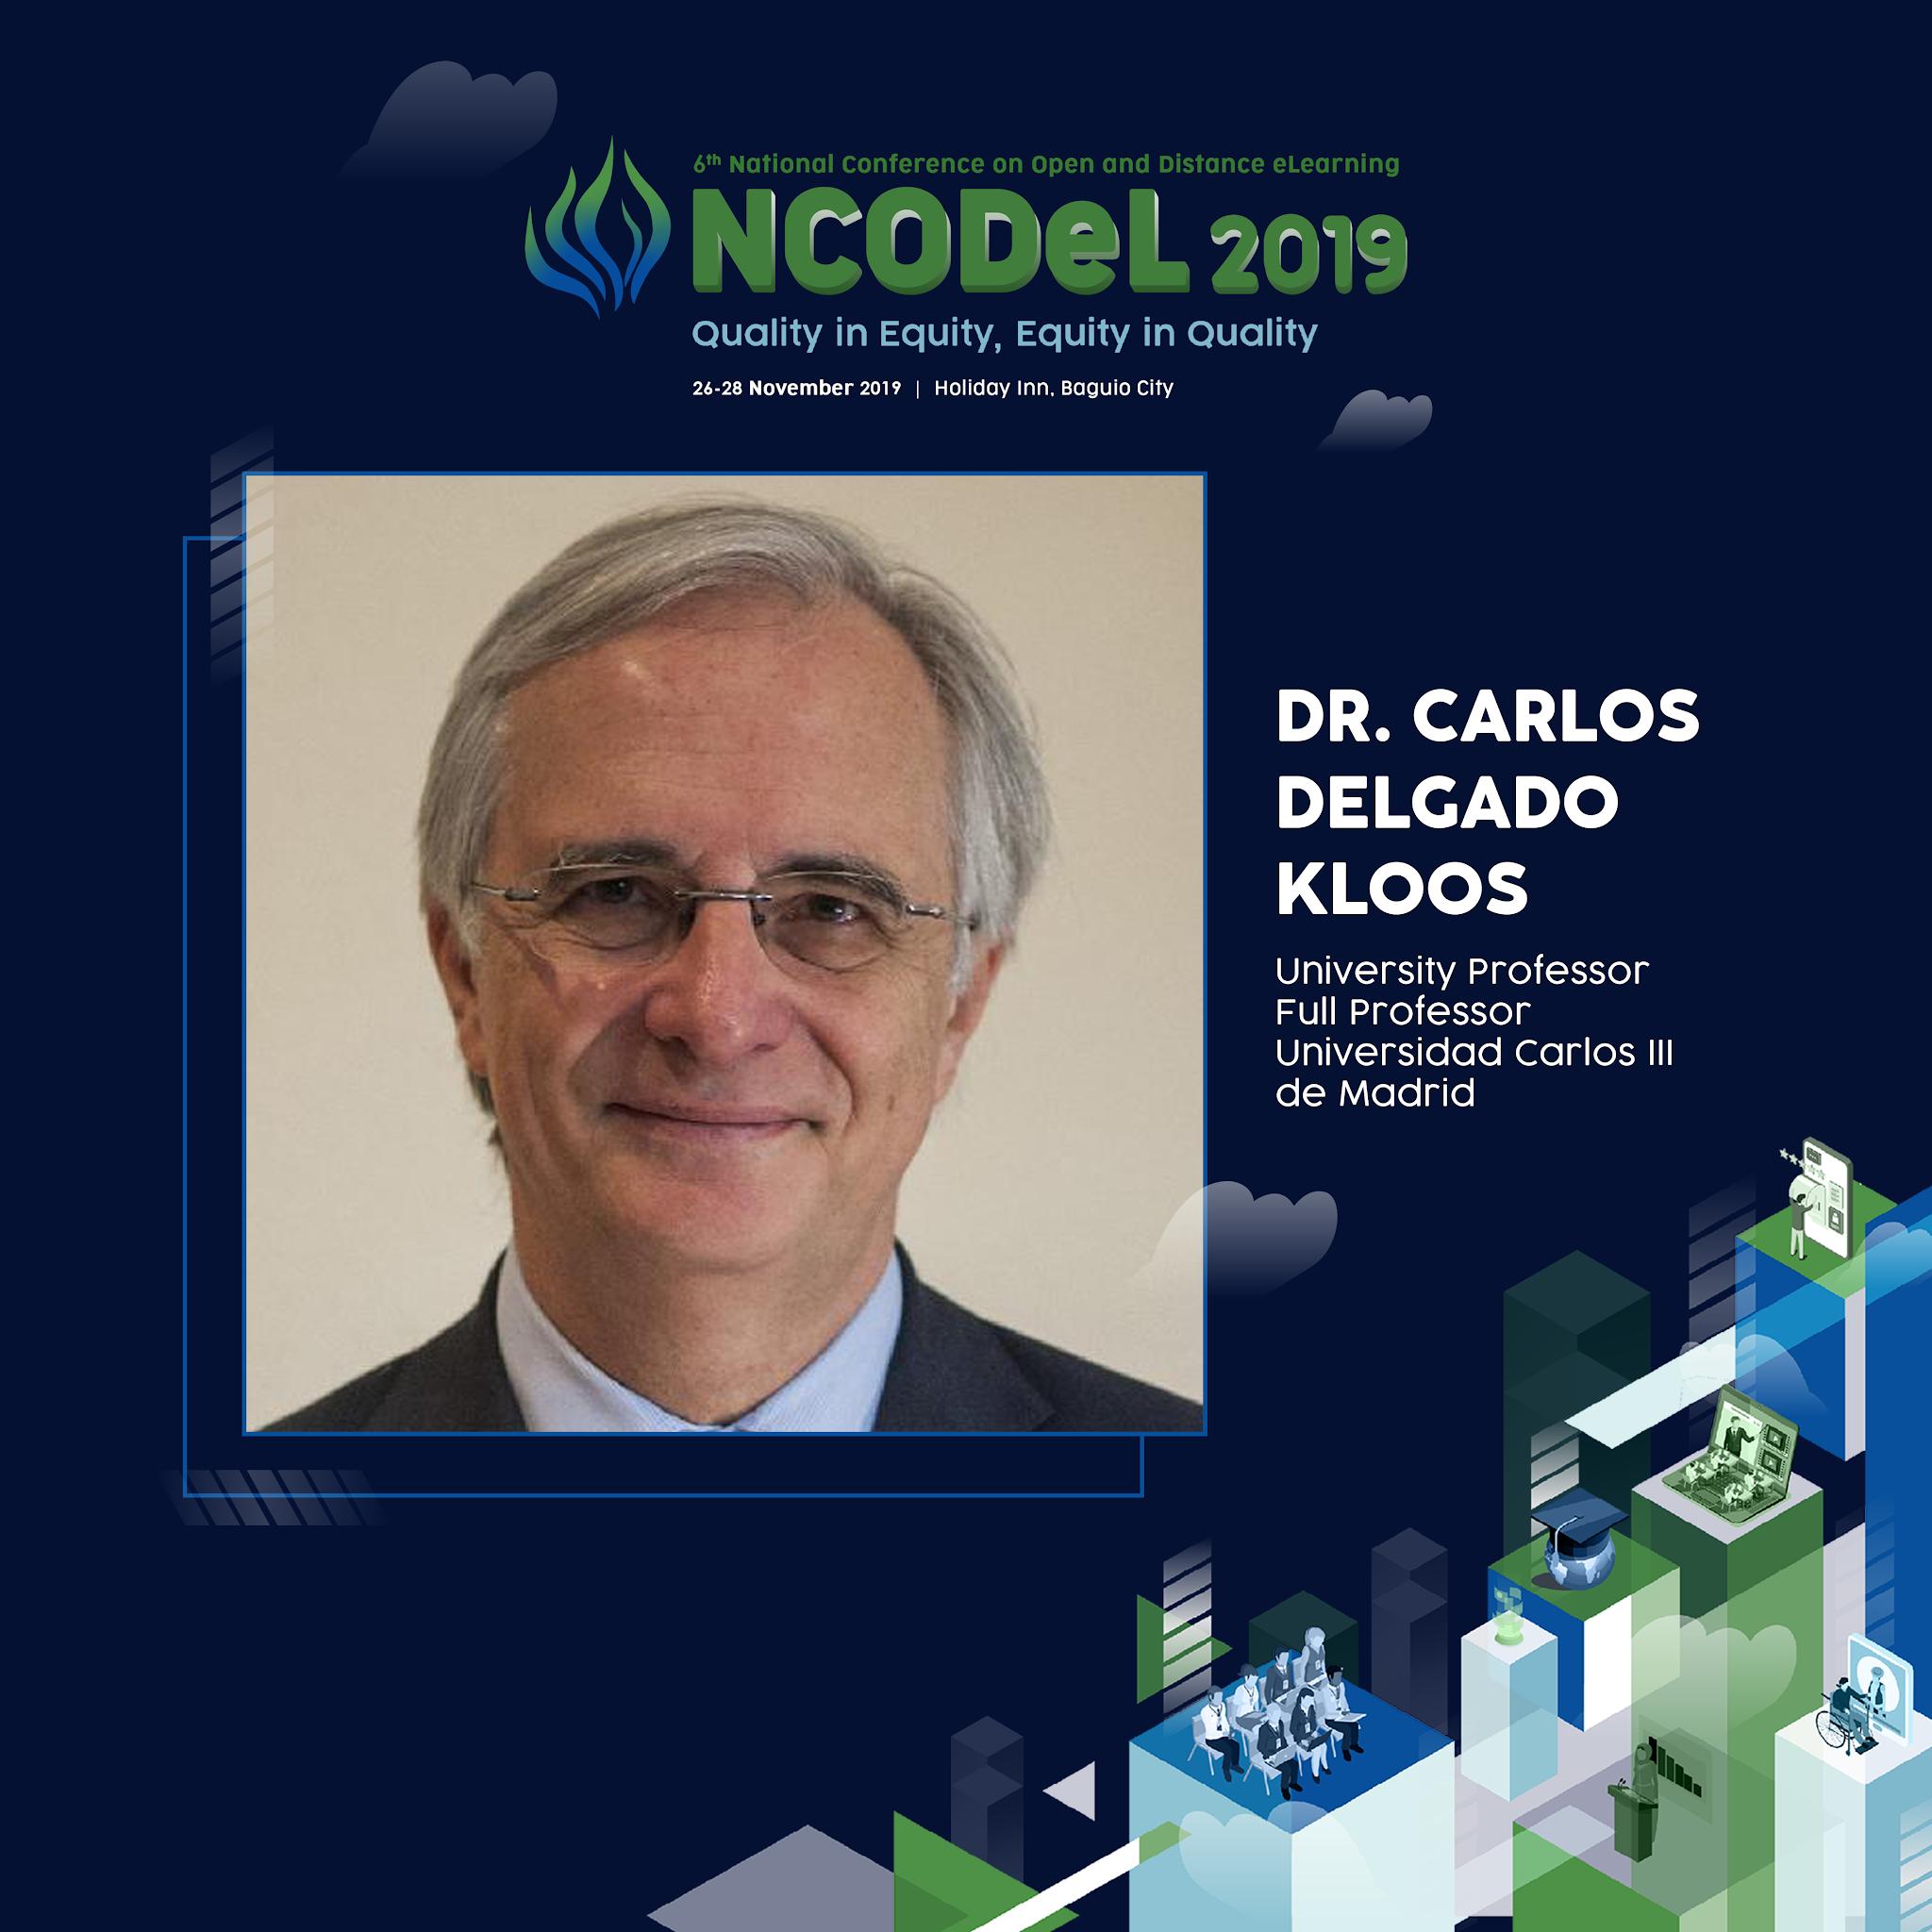 Dr. Carlos Delgado Kloos will be one of the NCODeL 2019 Keynote Speakers.